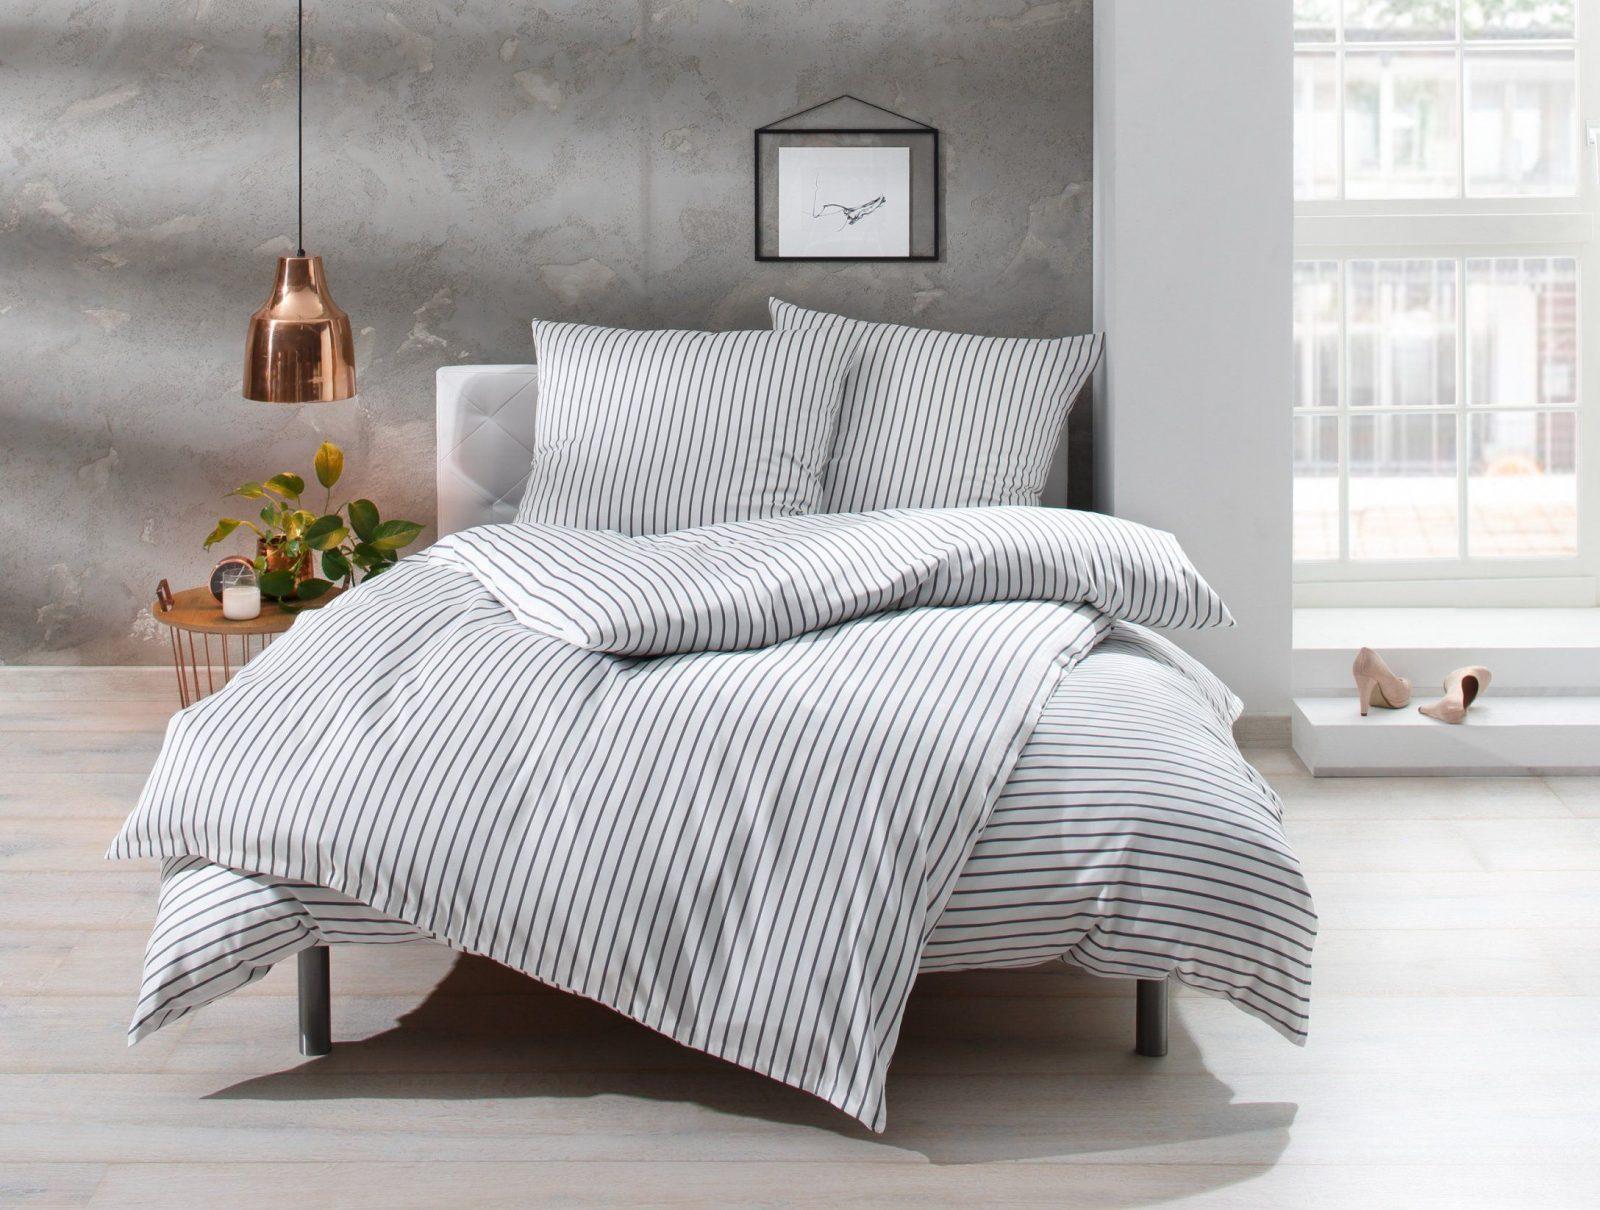 Mako Satin Streifen Bettwäsche Grau Weiß Gestreift Online Kaufen  Bms von Bettwäsche Türkis Grau Bild